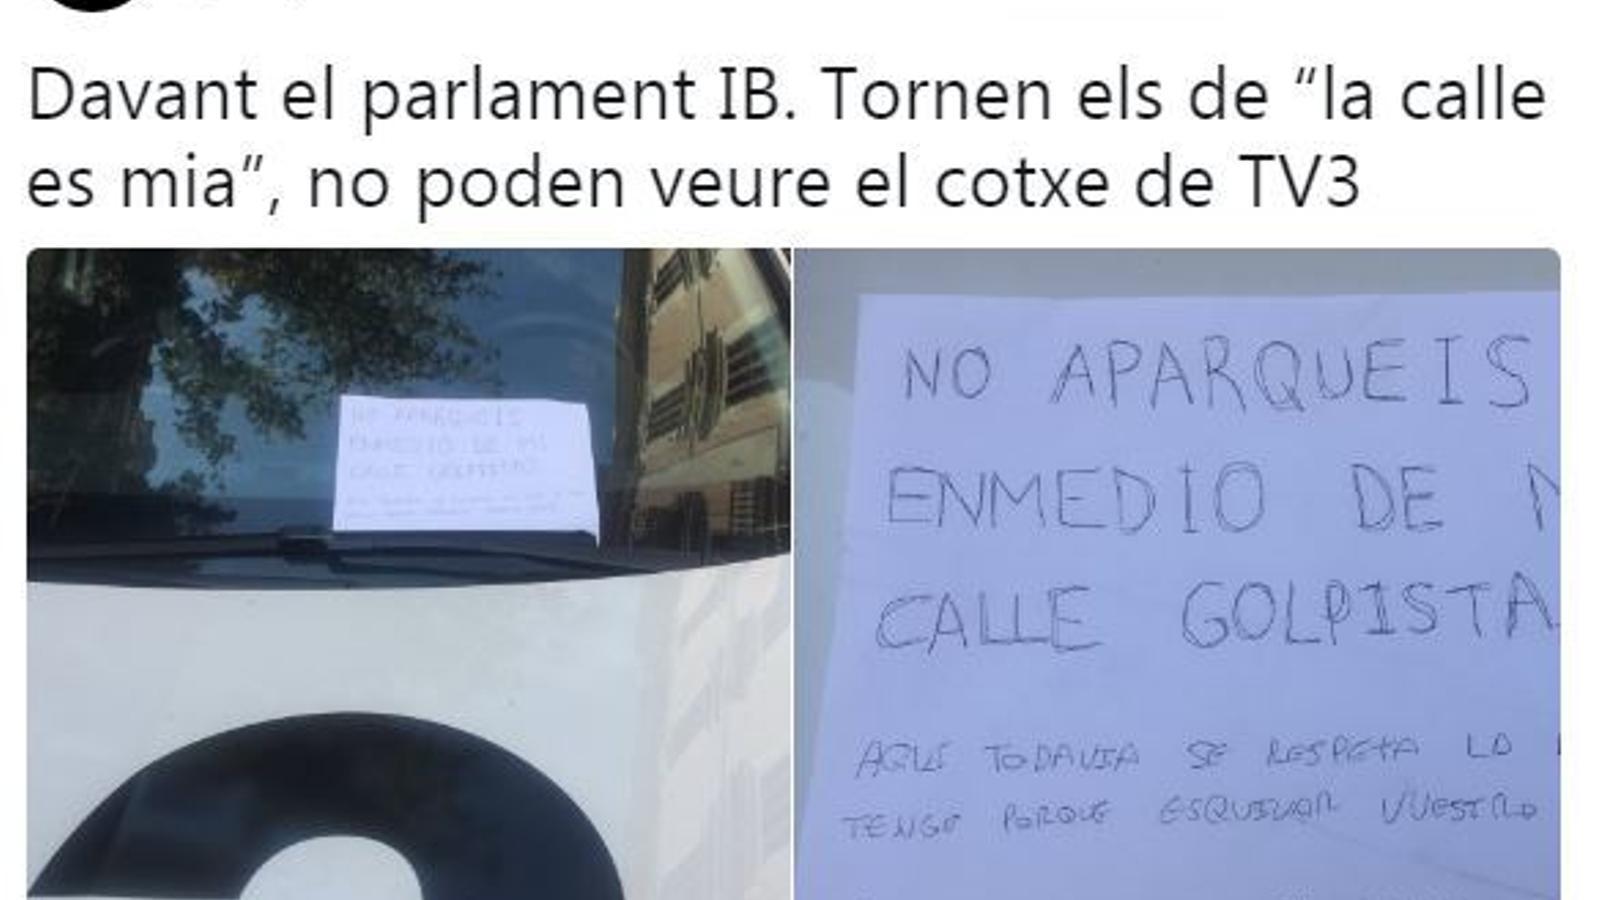 """Els de """"la calle es mia"""" envien un cotxe de TV3 a """"Tabarnia"""""""